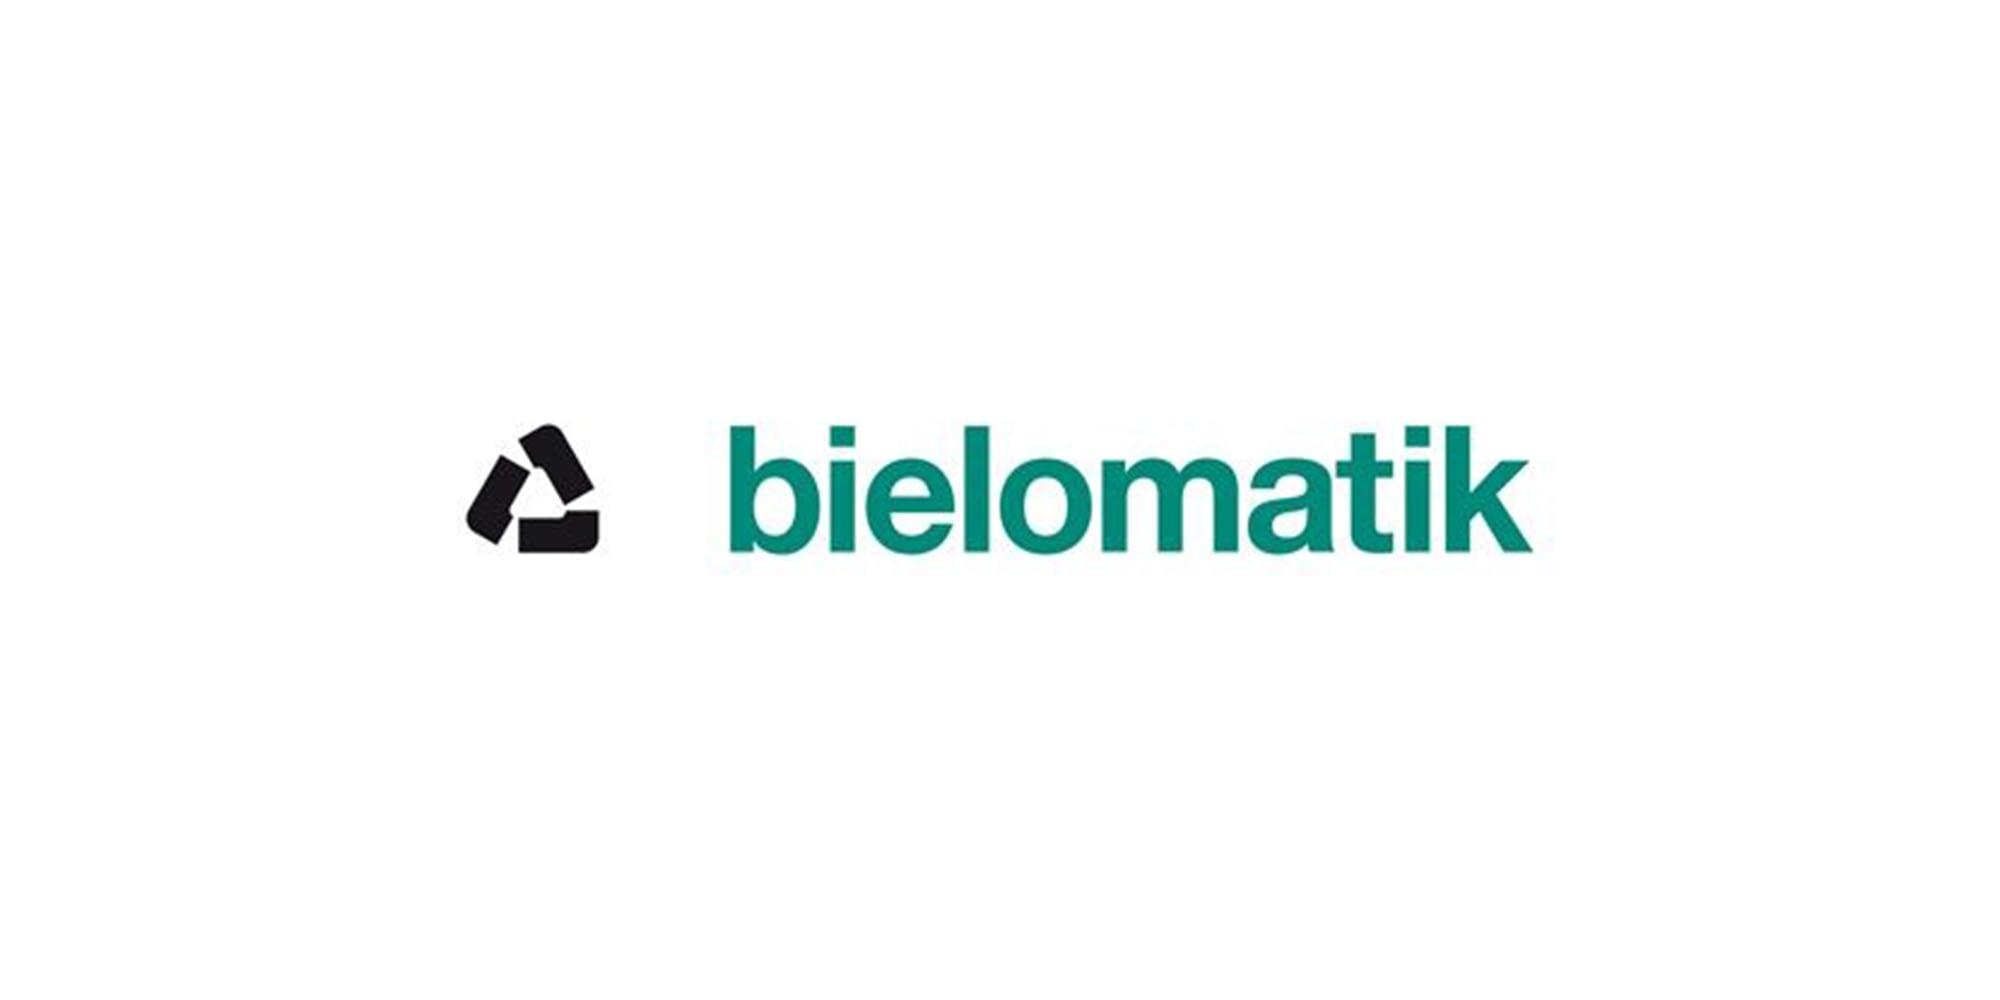 bielomatik_logo